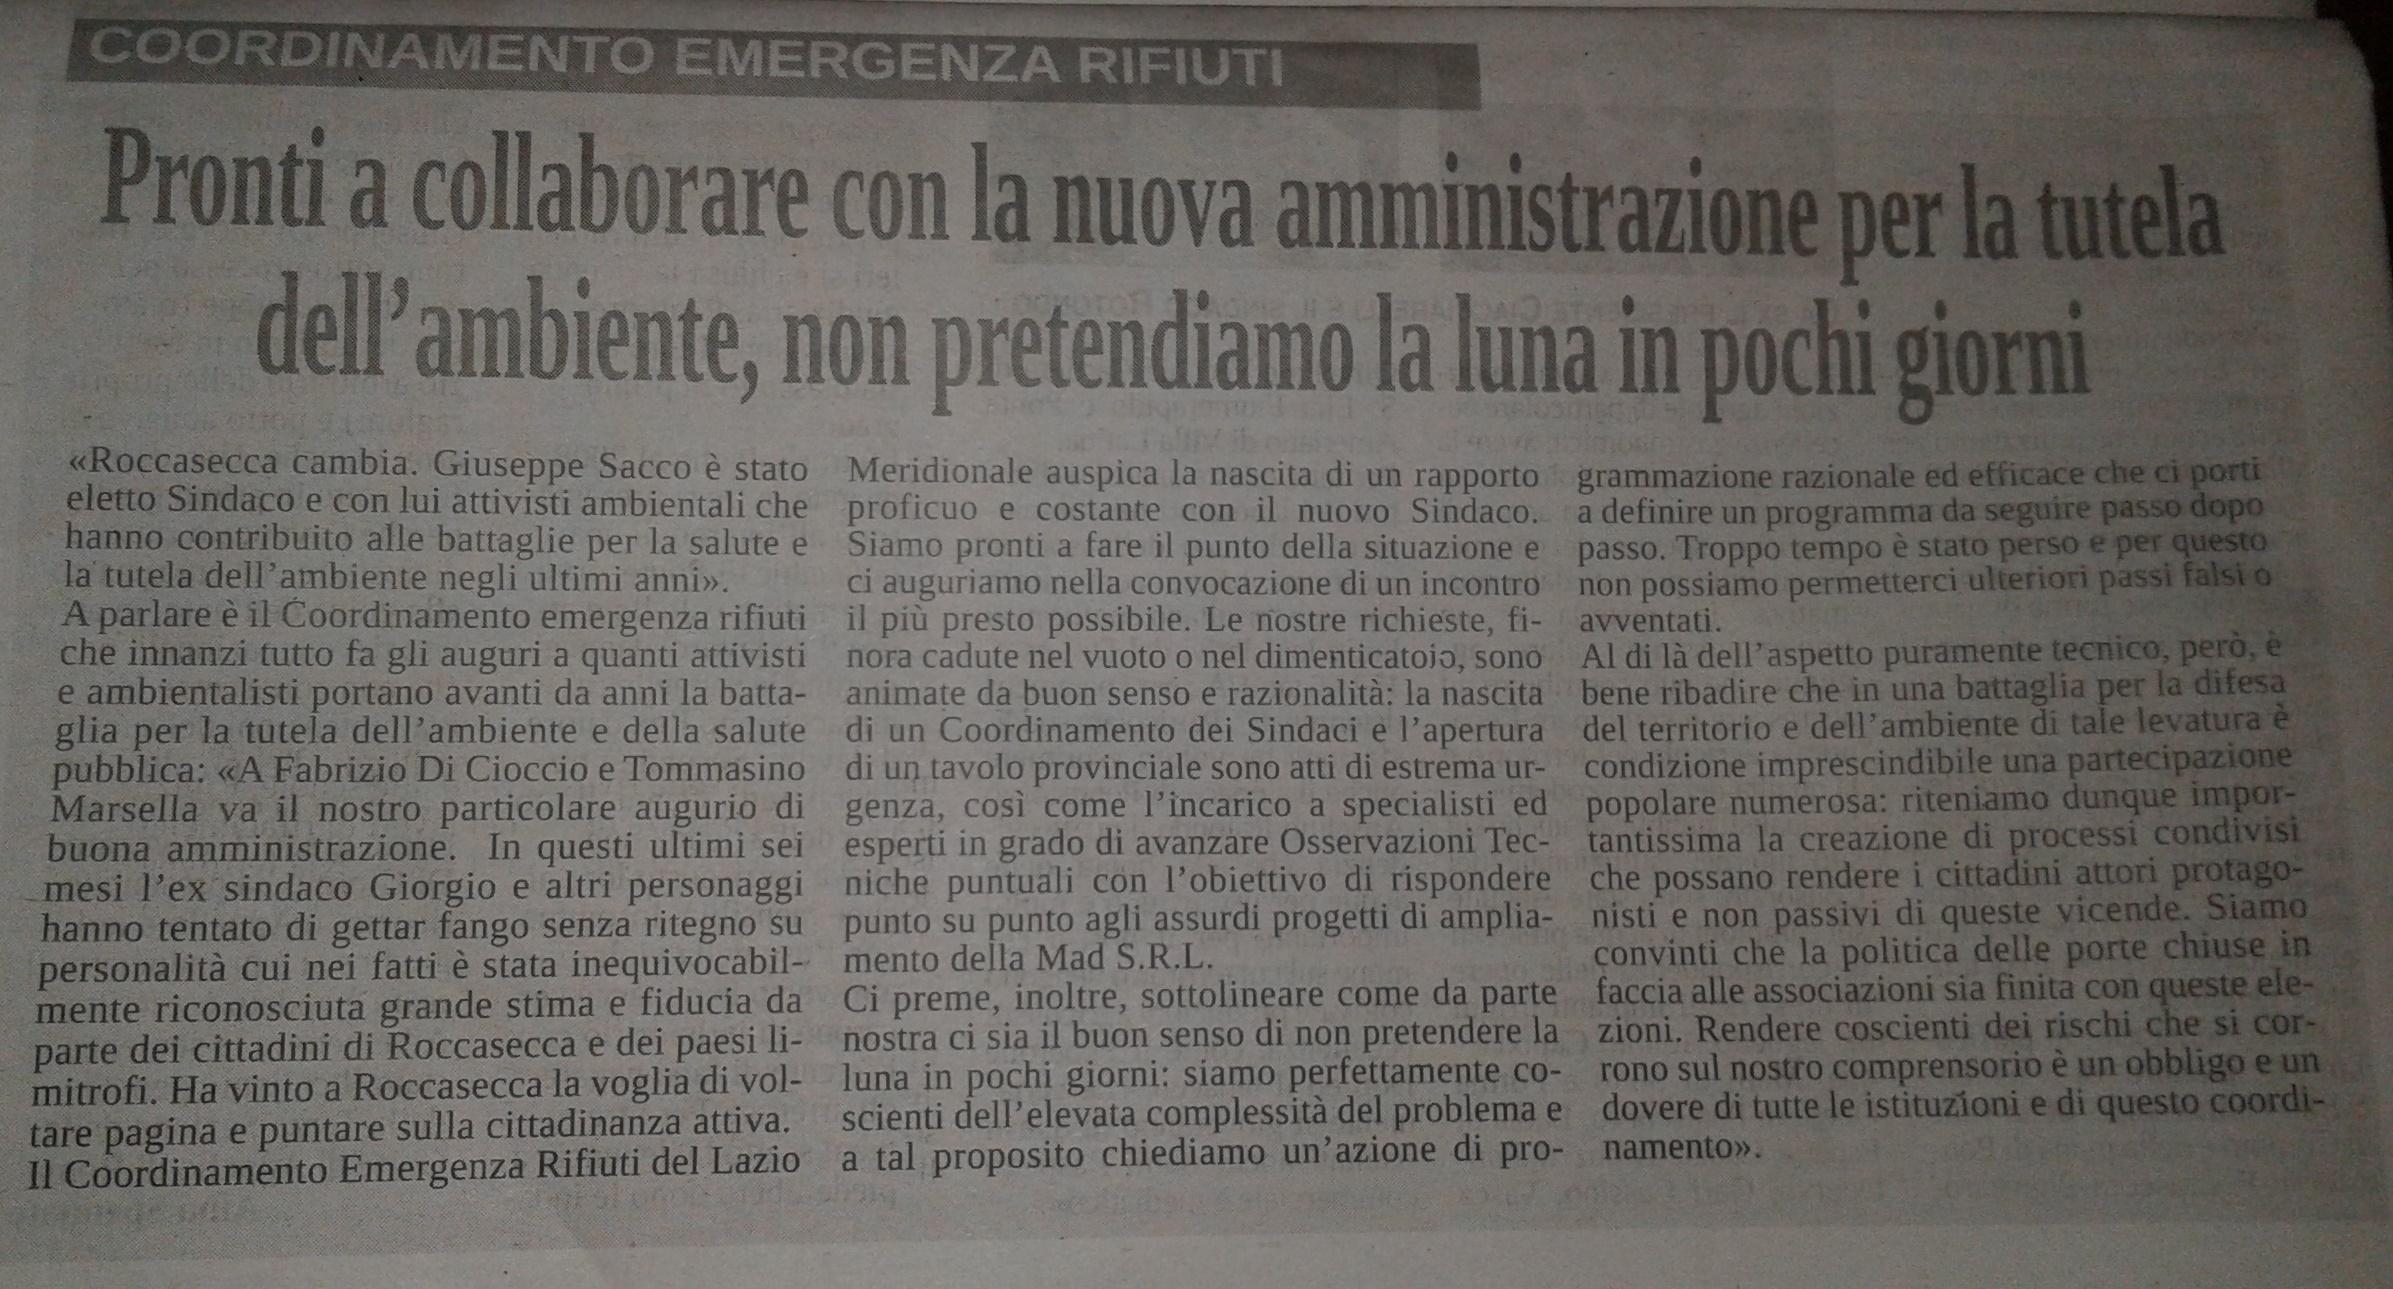 Coordinamento Emergenza Rifiuti Basso Lazio